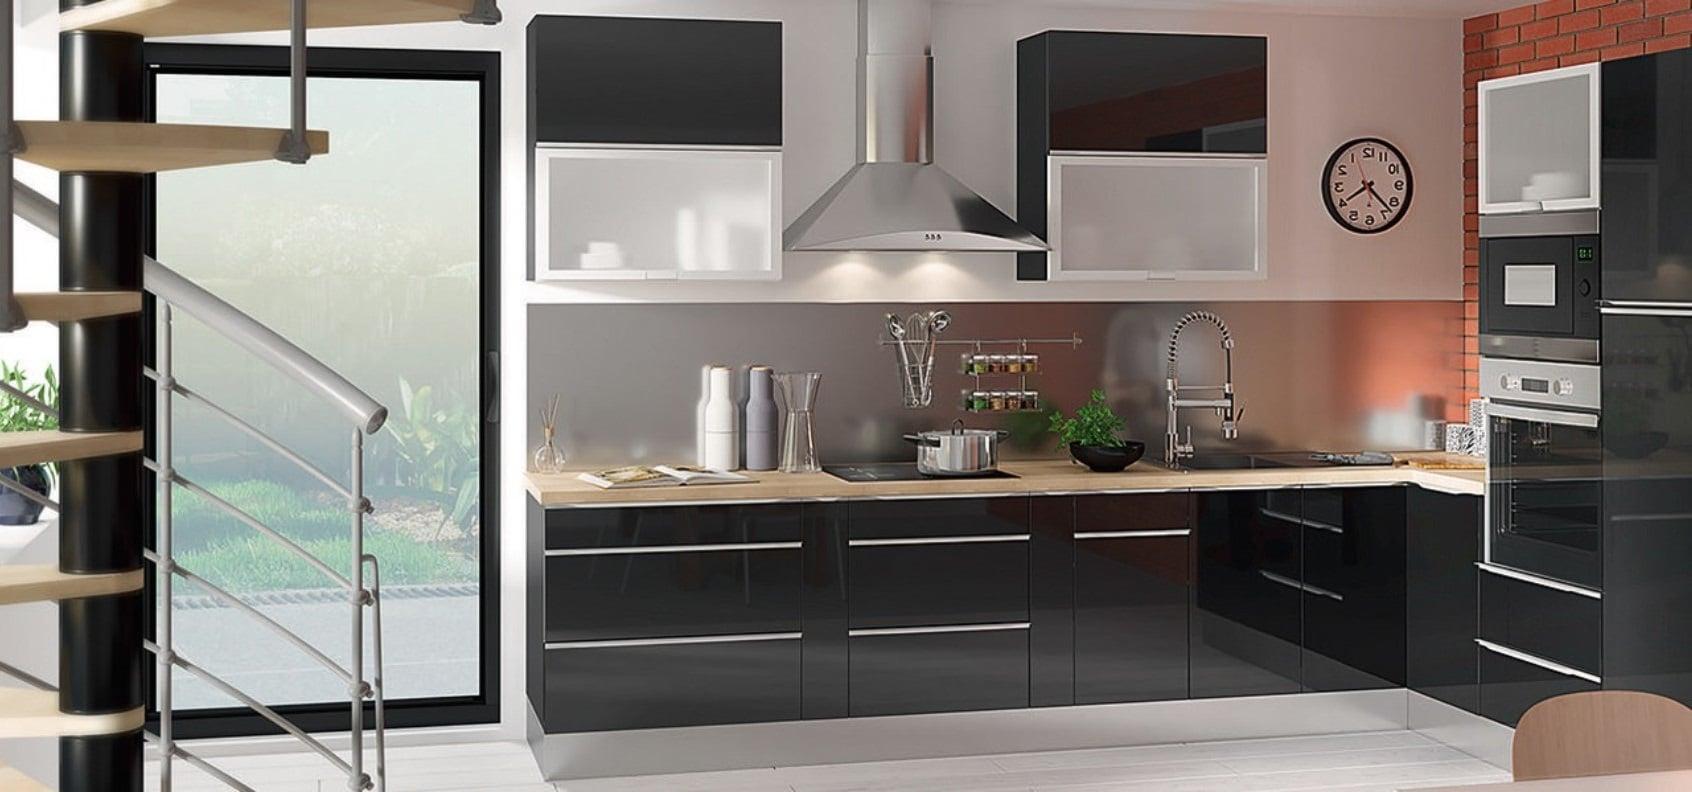 Cuisine Brico Depot Selection Des Meilleurs Modeles